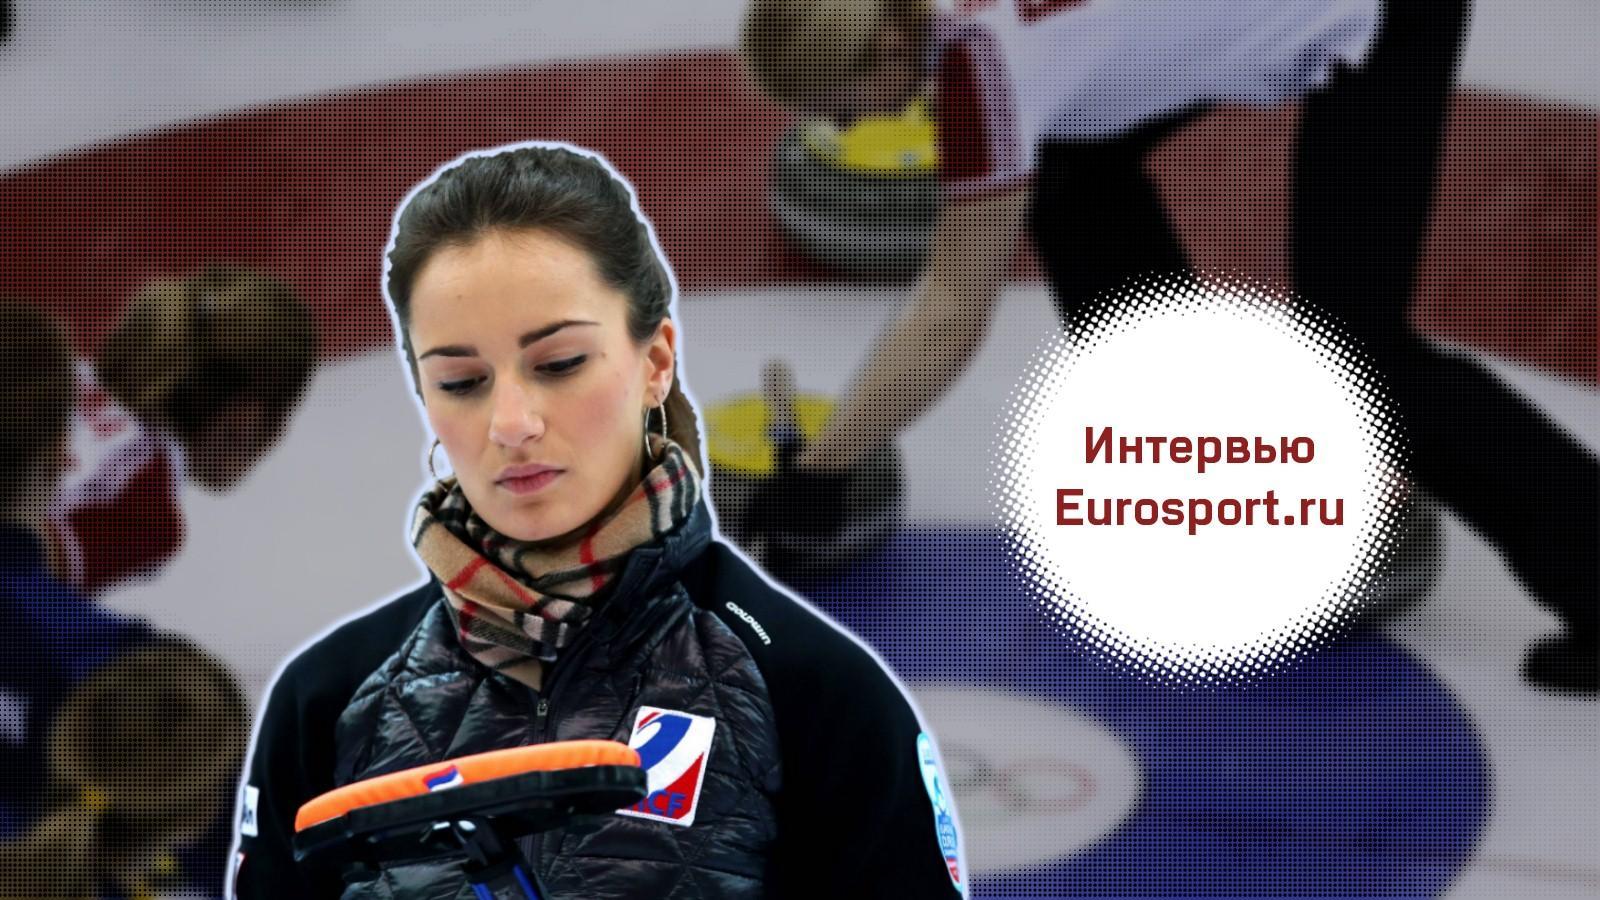 Русское секс в спорте 2 фотография